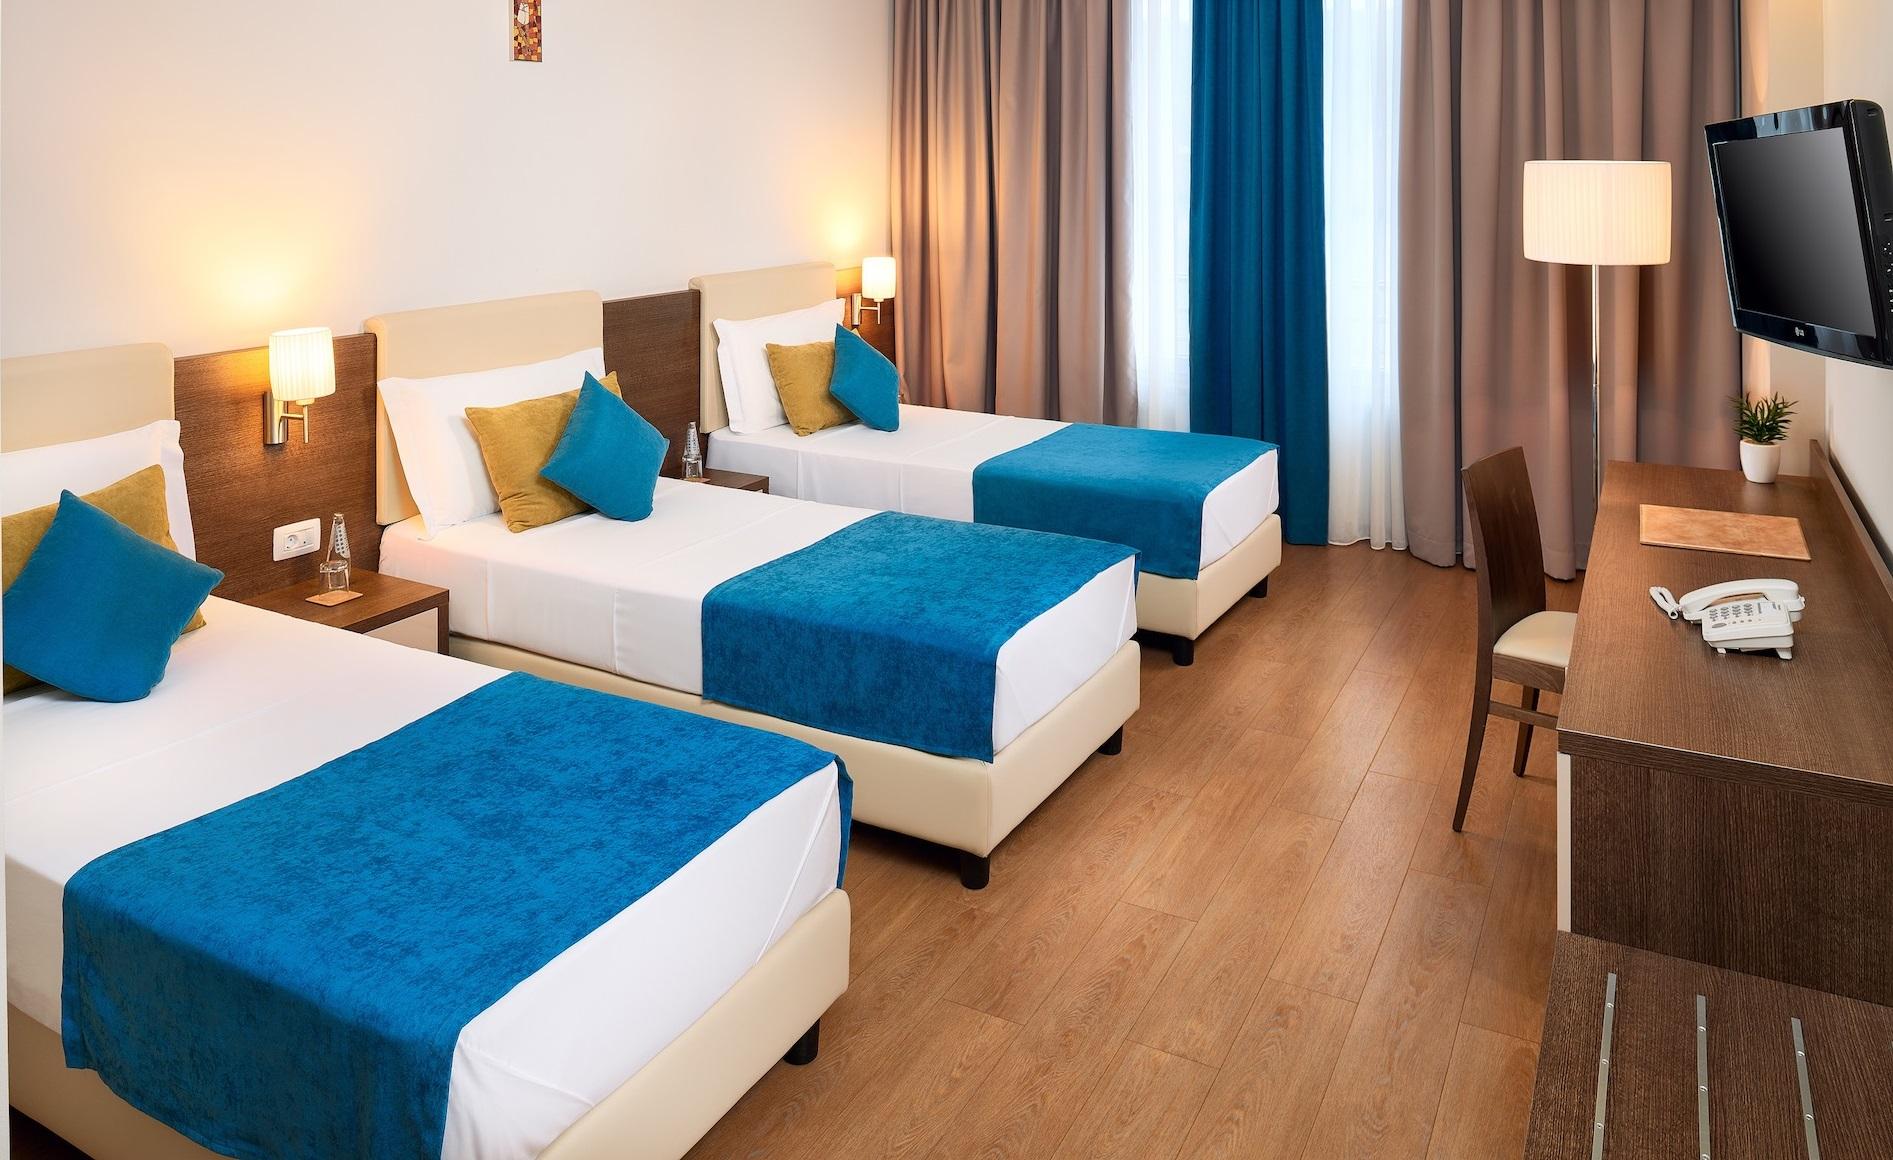 روتختی هتلی چیست؟ | کالای خواب بدروم